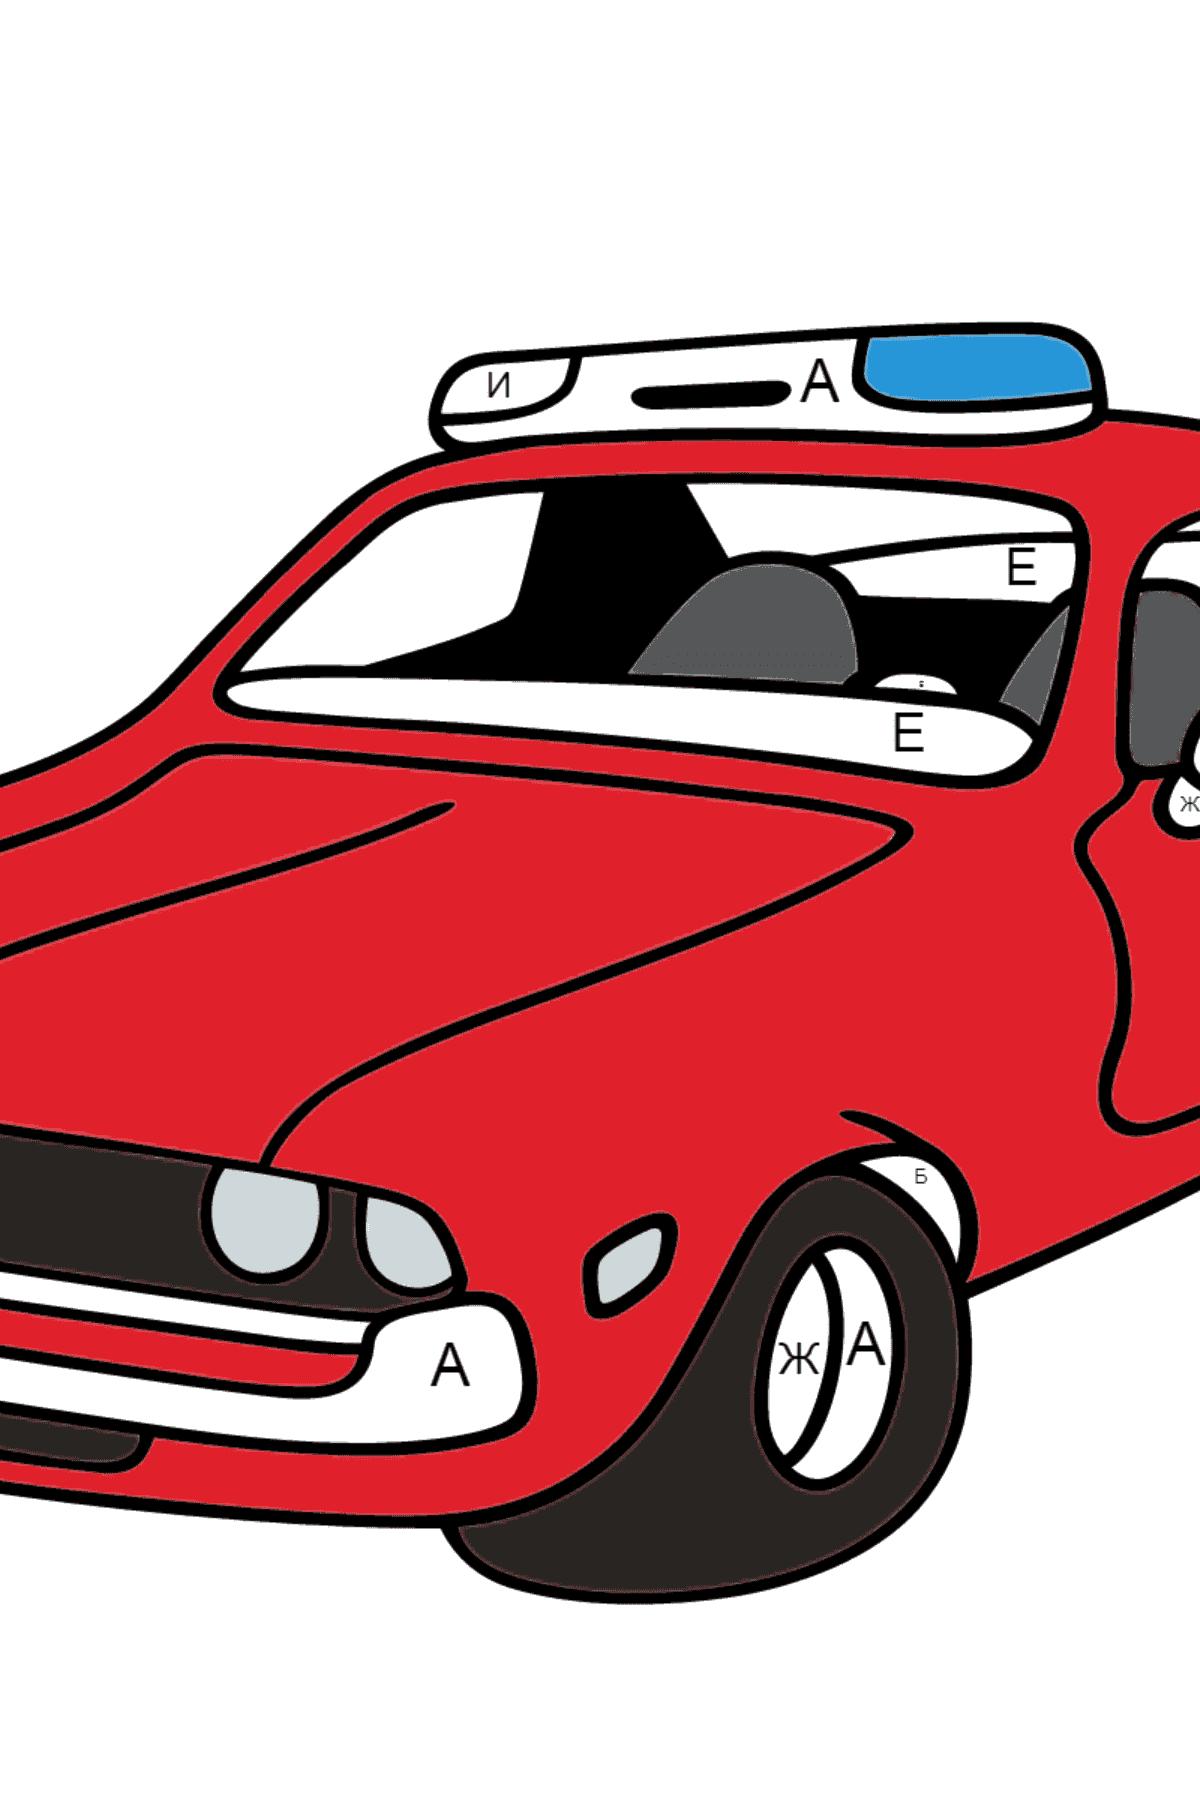 Раскраска красная полицейская машина для Детей  - Раскраска по Буквам